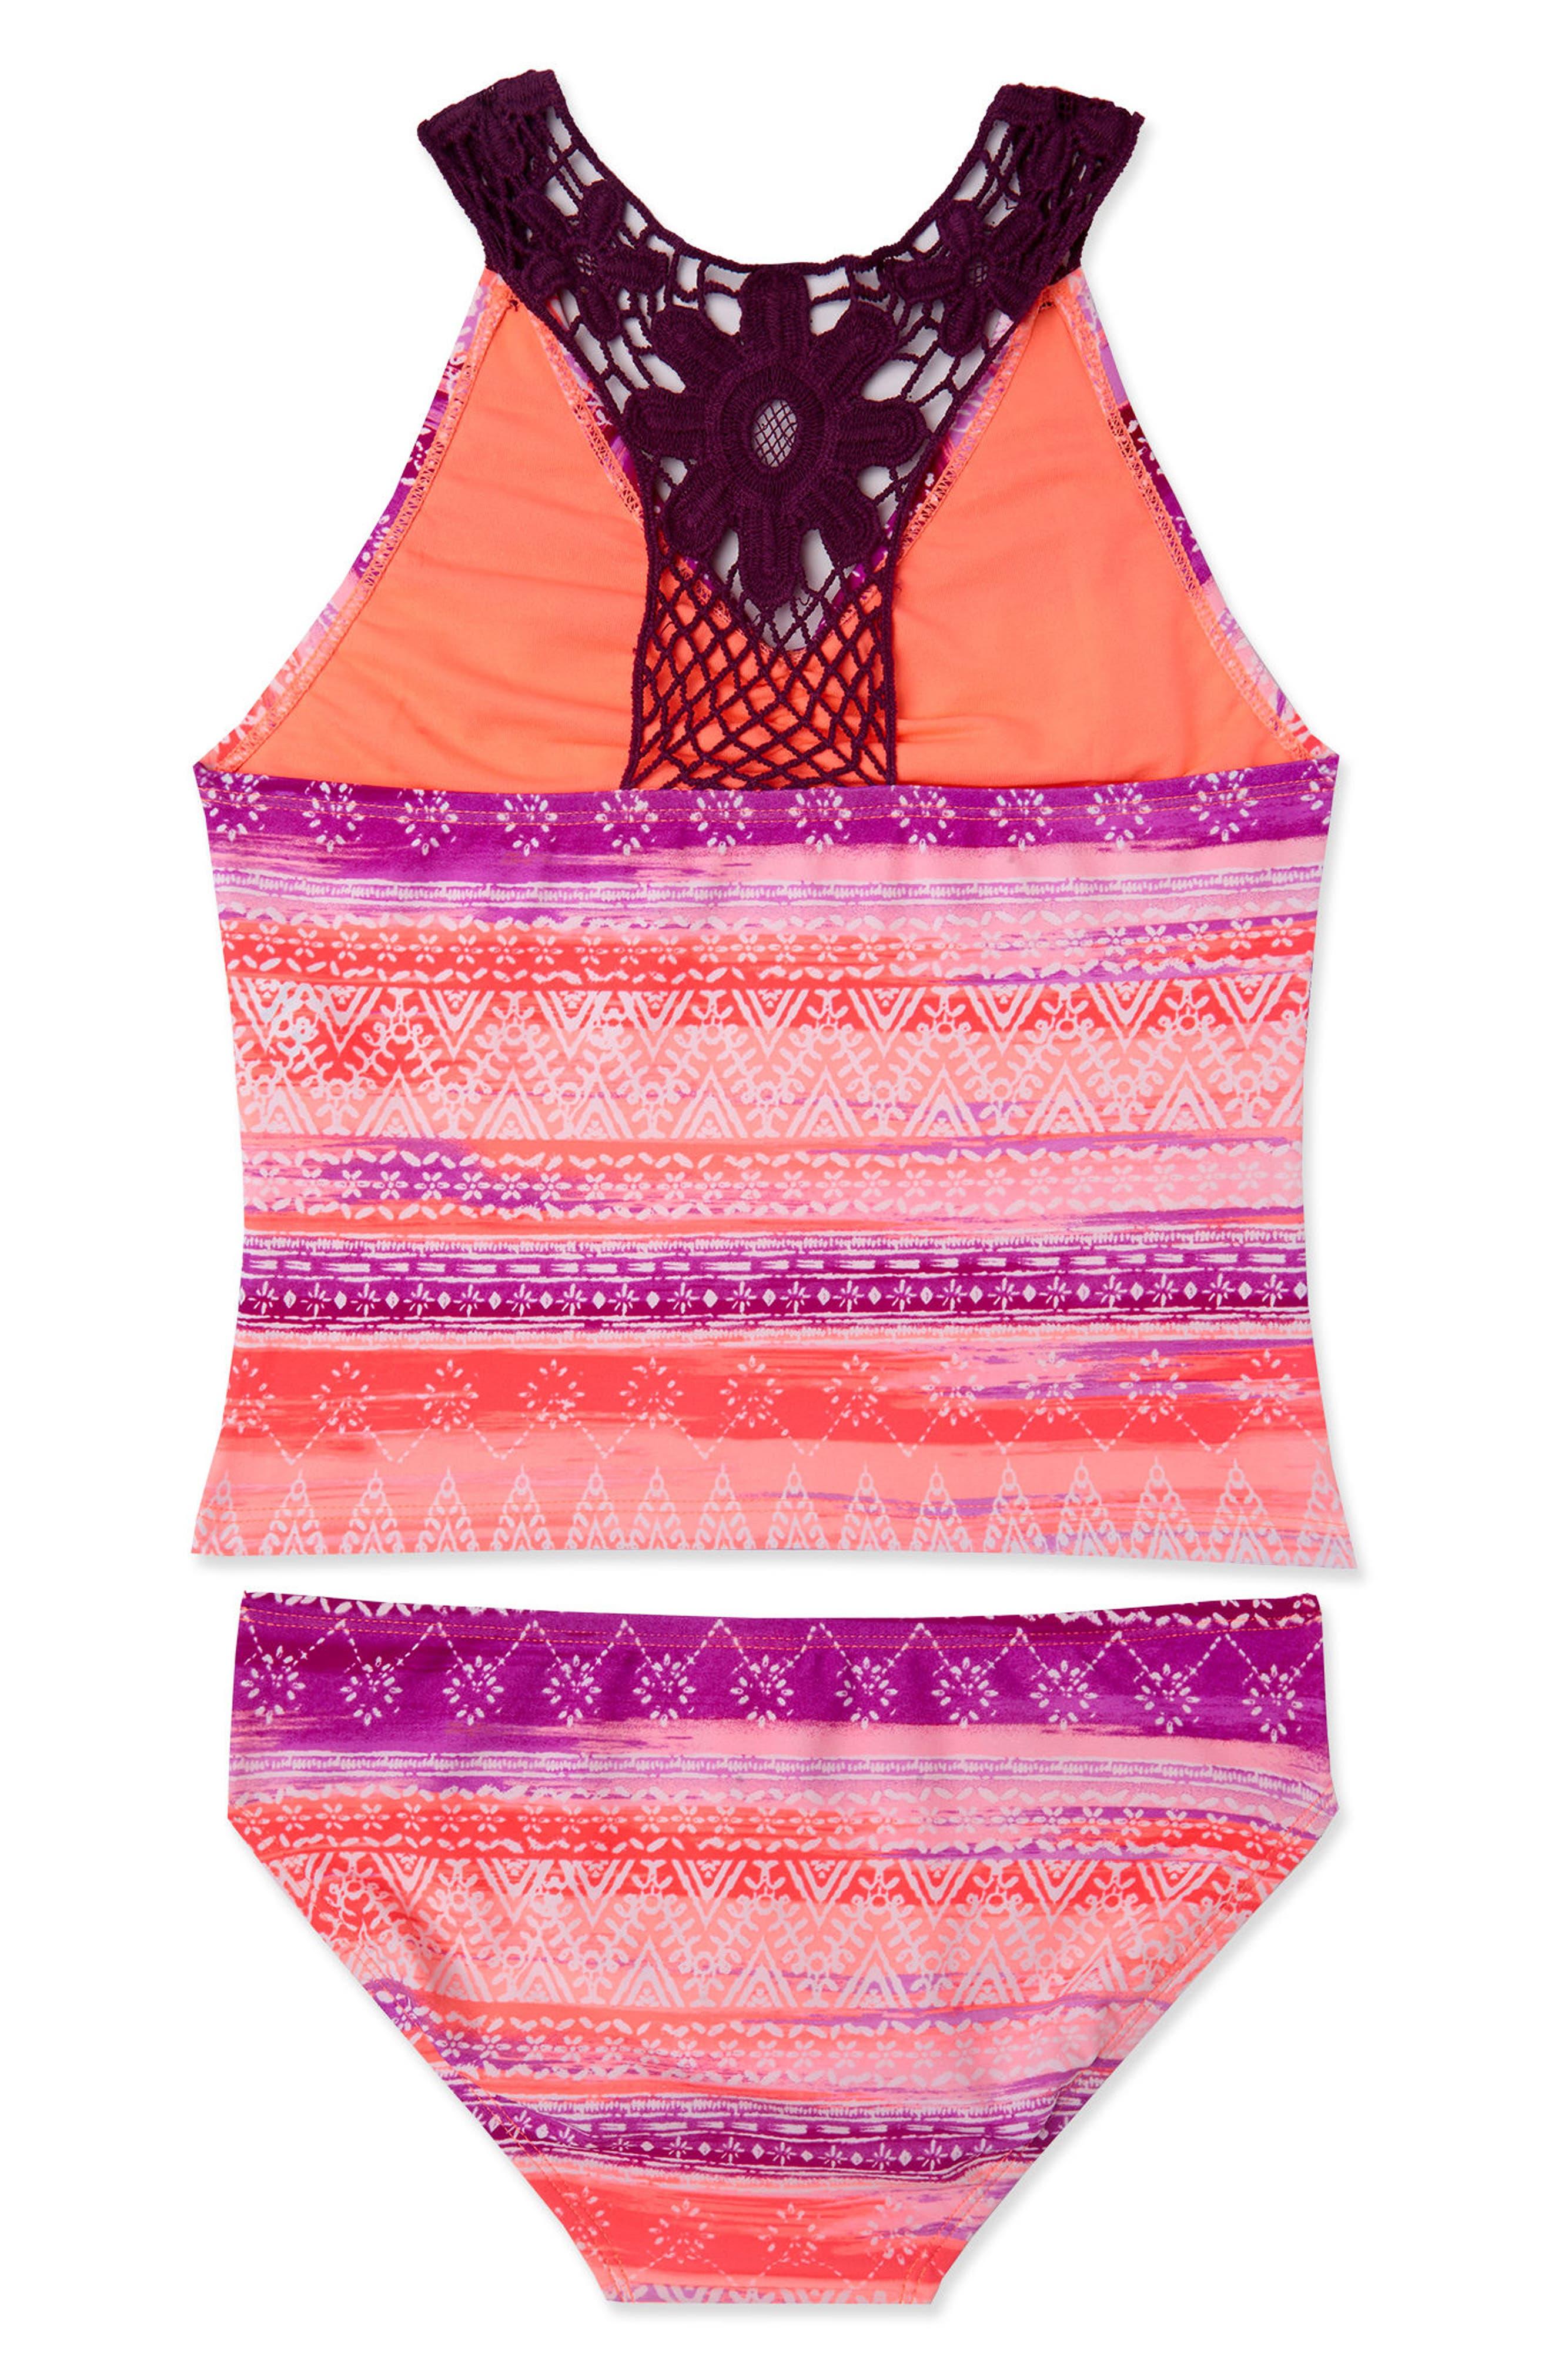 Boho Sunset Two-Piece Tankini Swimsuit,                             Alternate thumbnail 2, color,